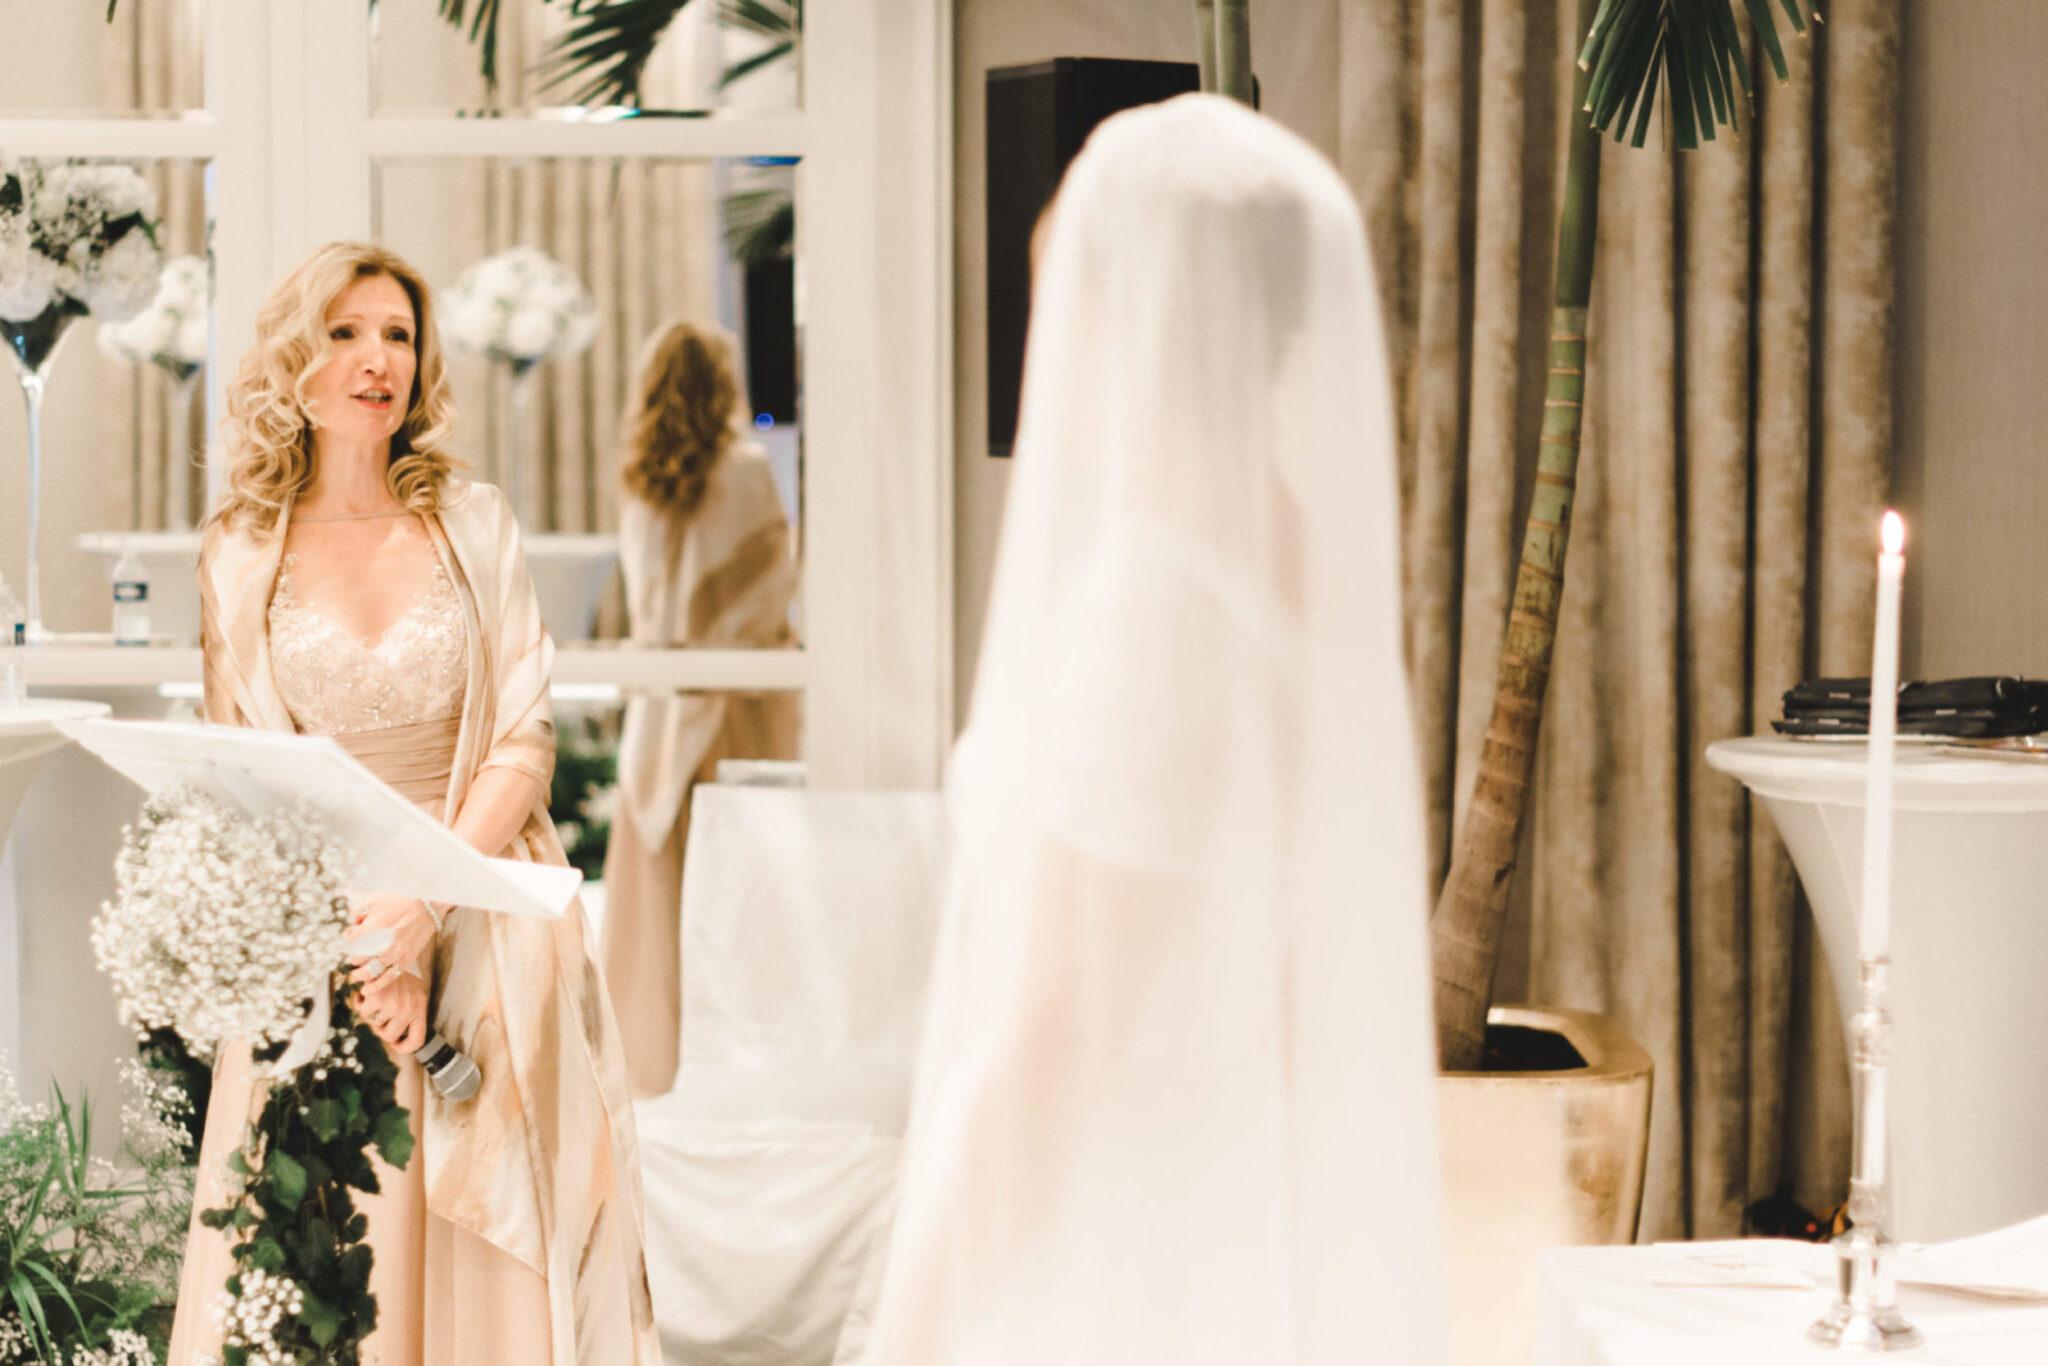 laïque officiant cérémonie mariage aria peninsula